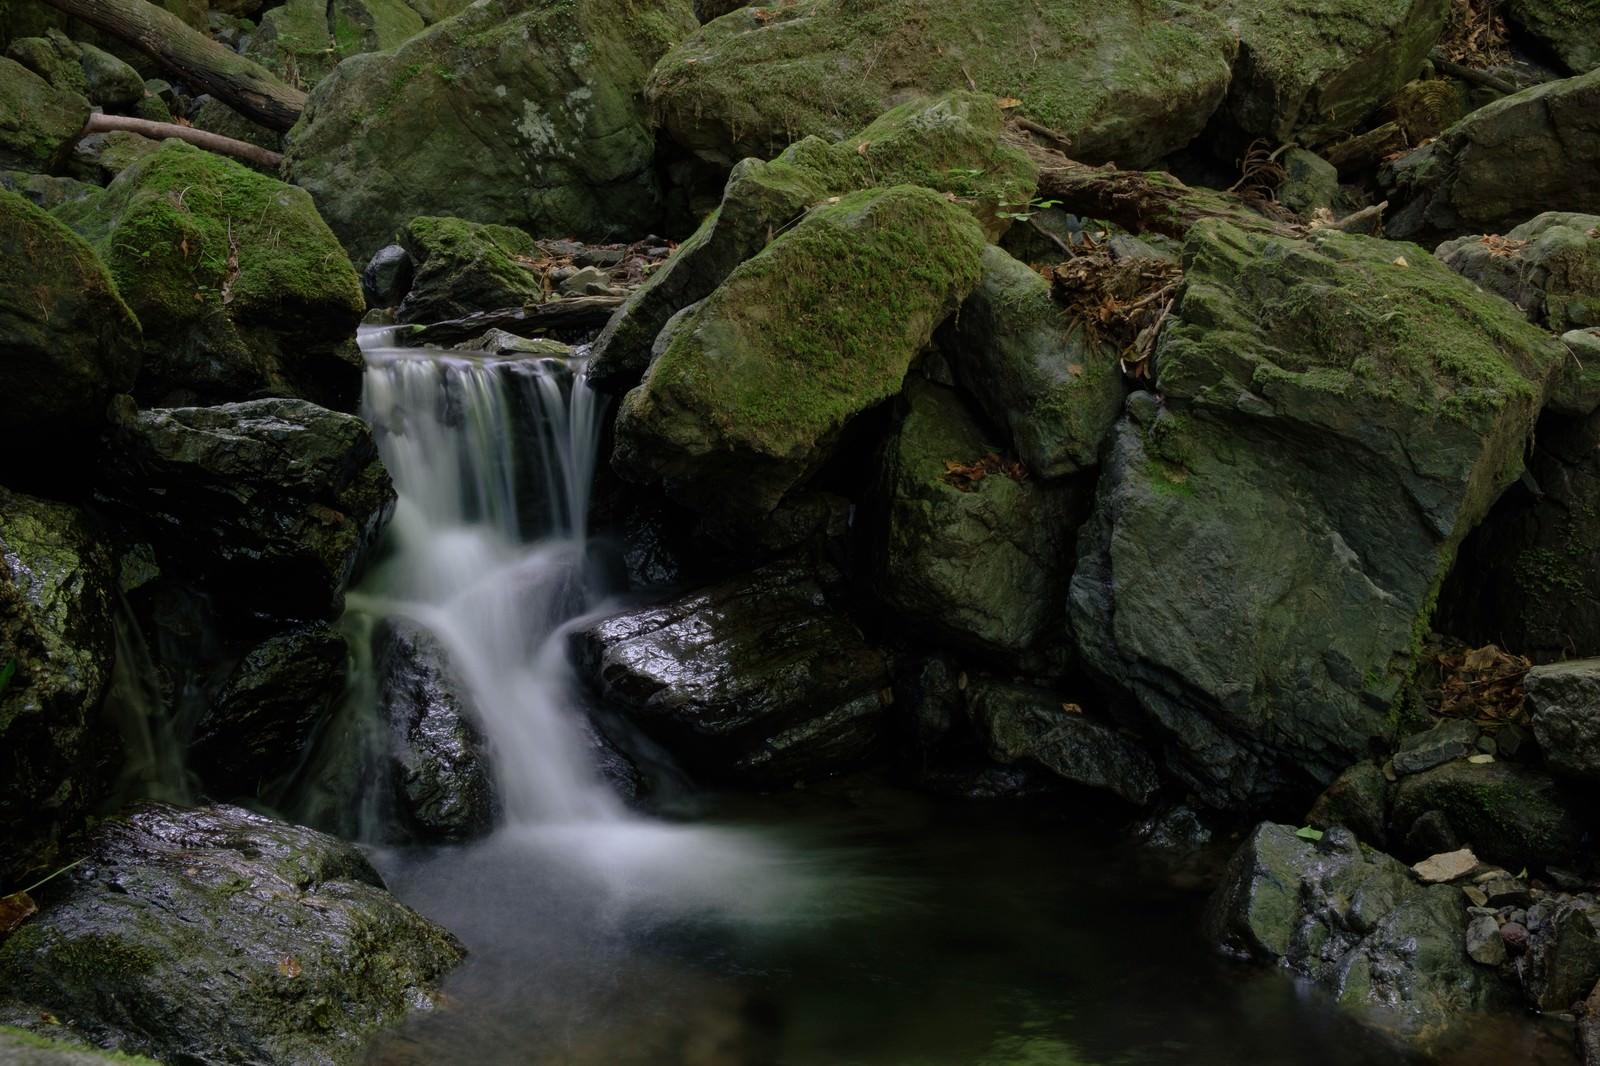 「険しい山道の岩場と小さな滝」の写真